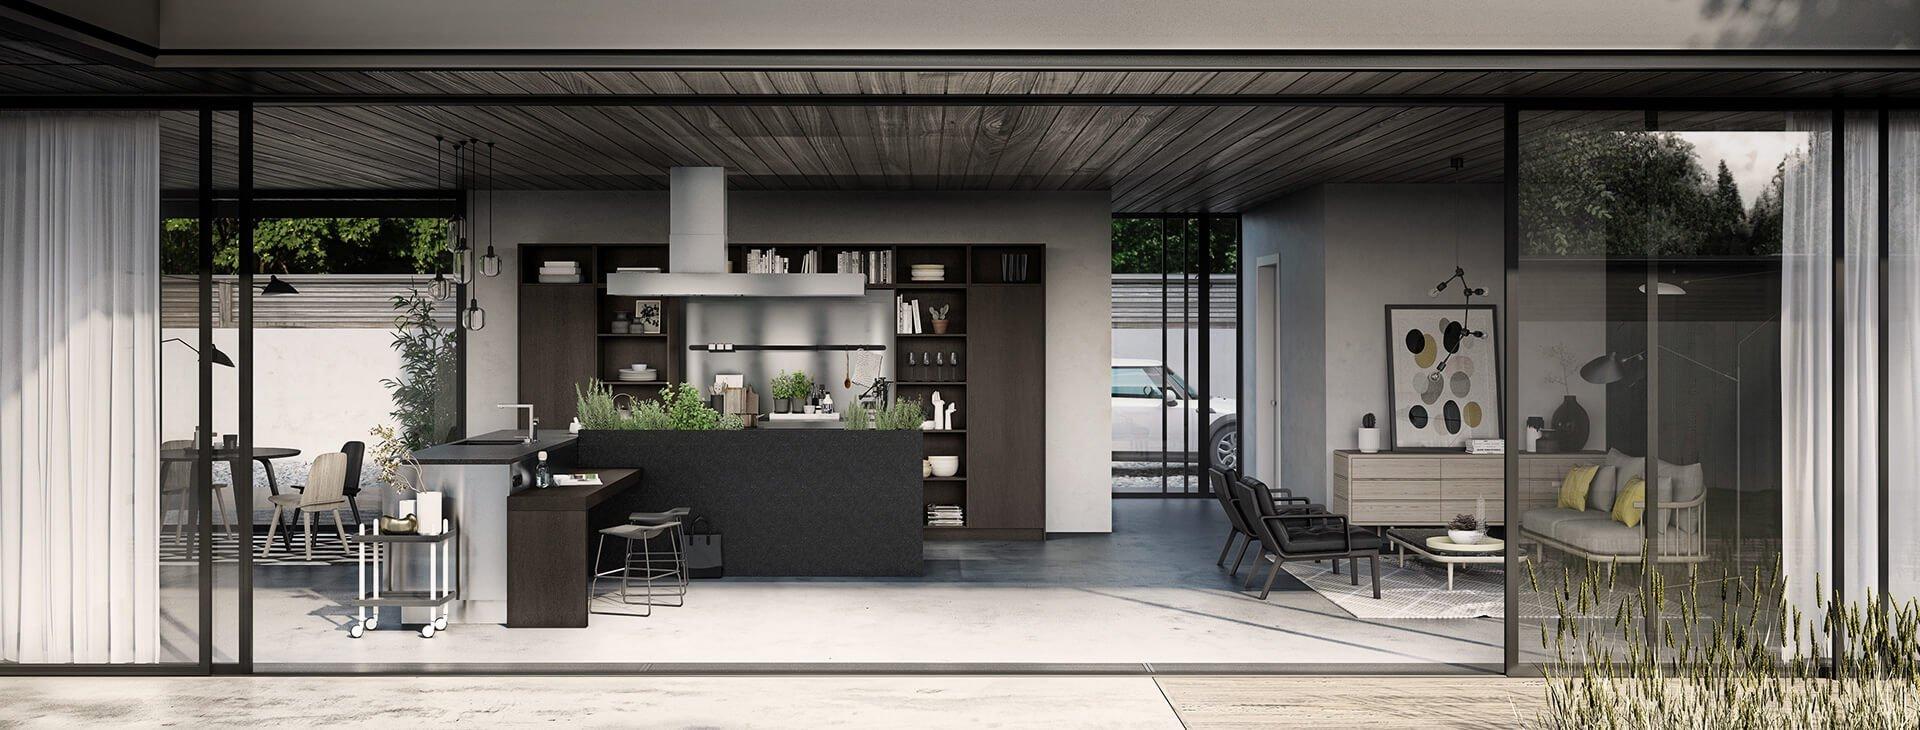 neuer ffnung siematic stilwerk news. Black Bedroom Furniture Sets. Home Design Ideas